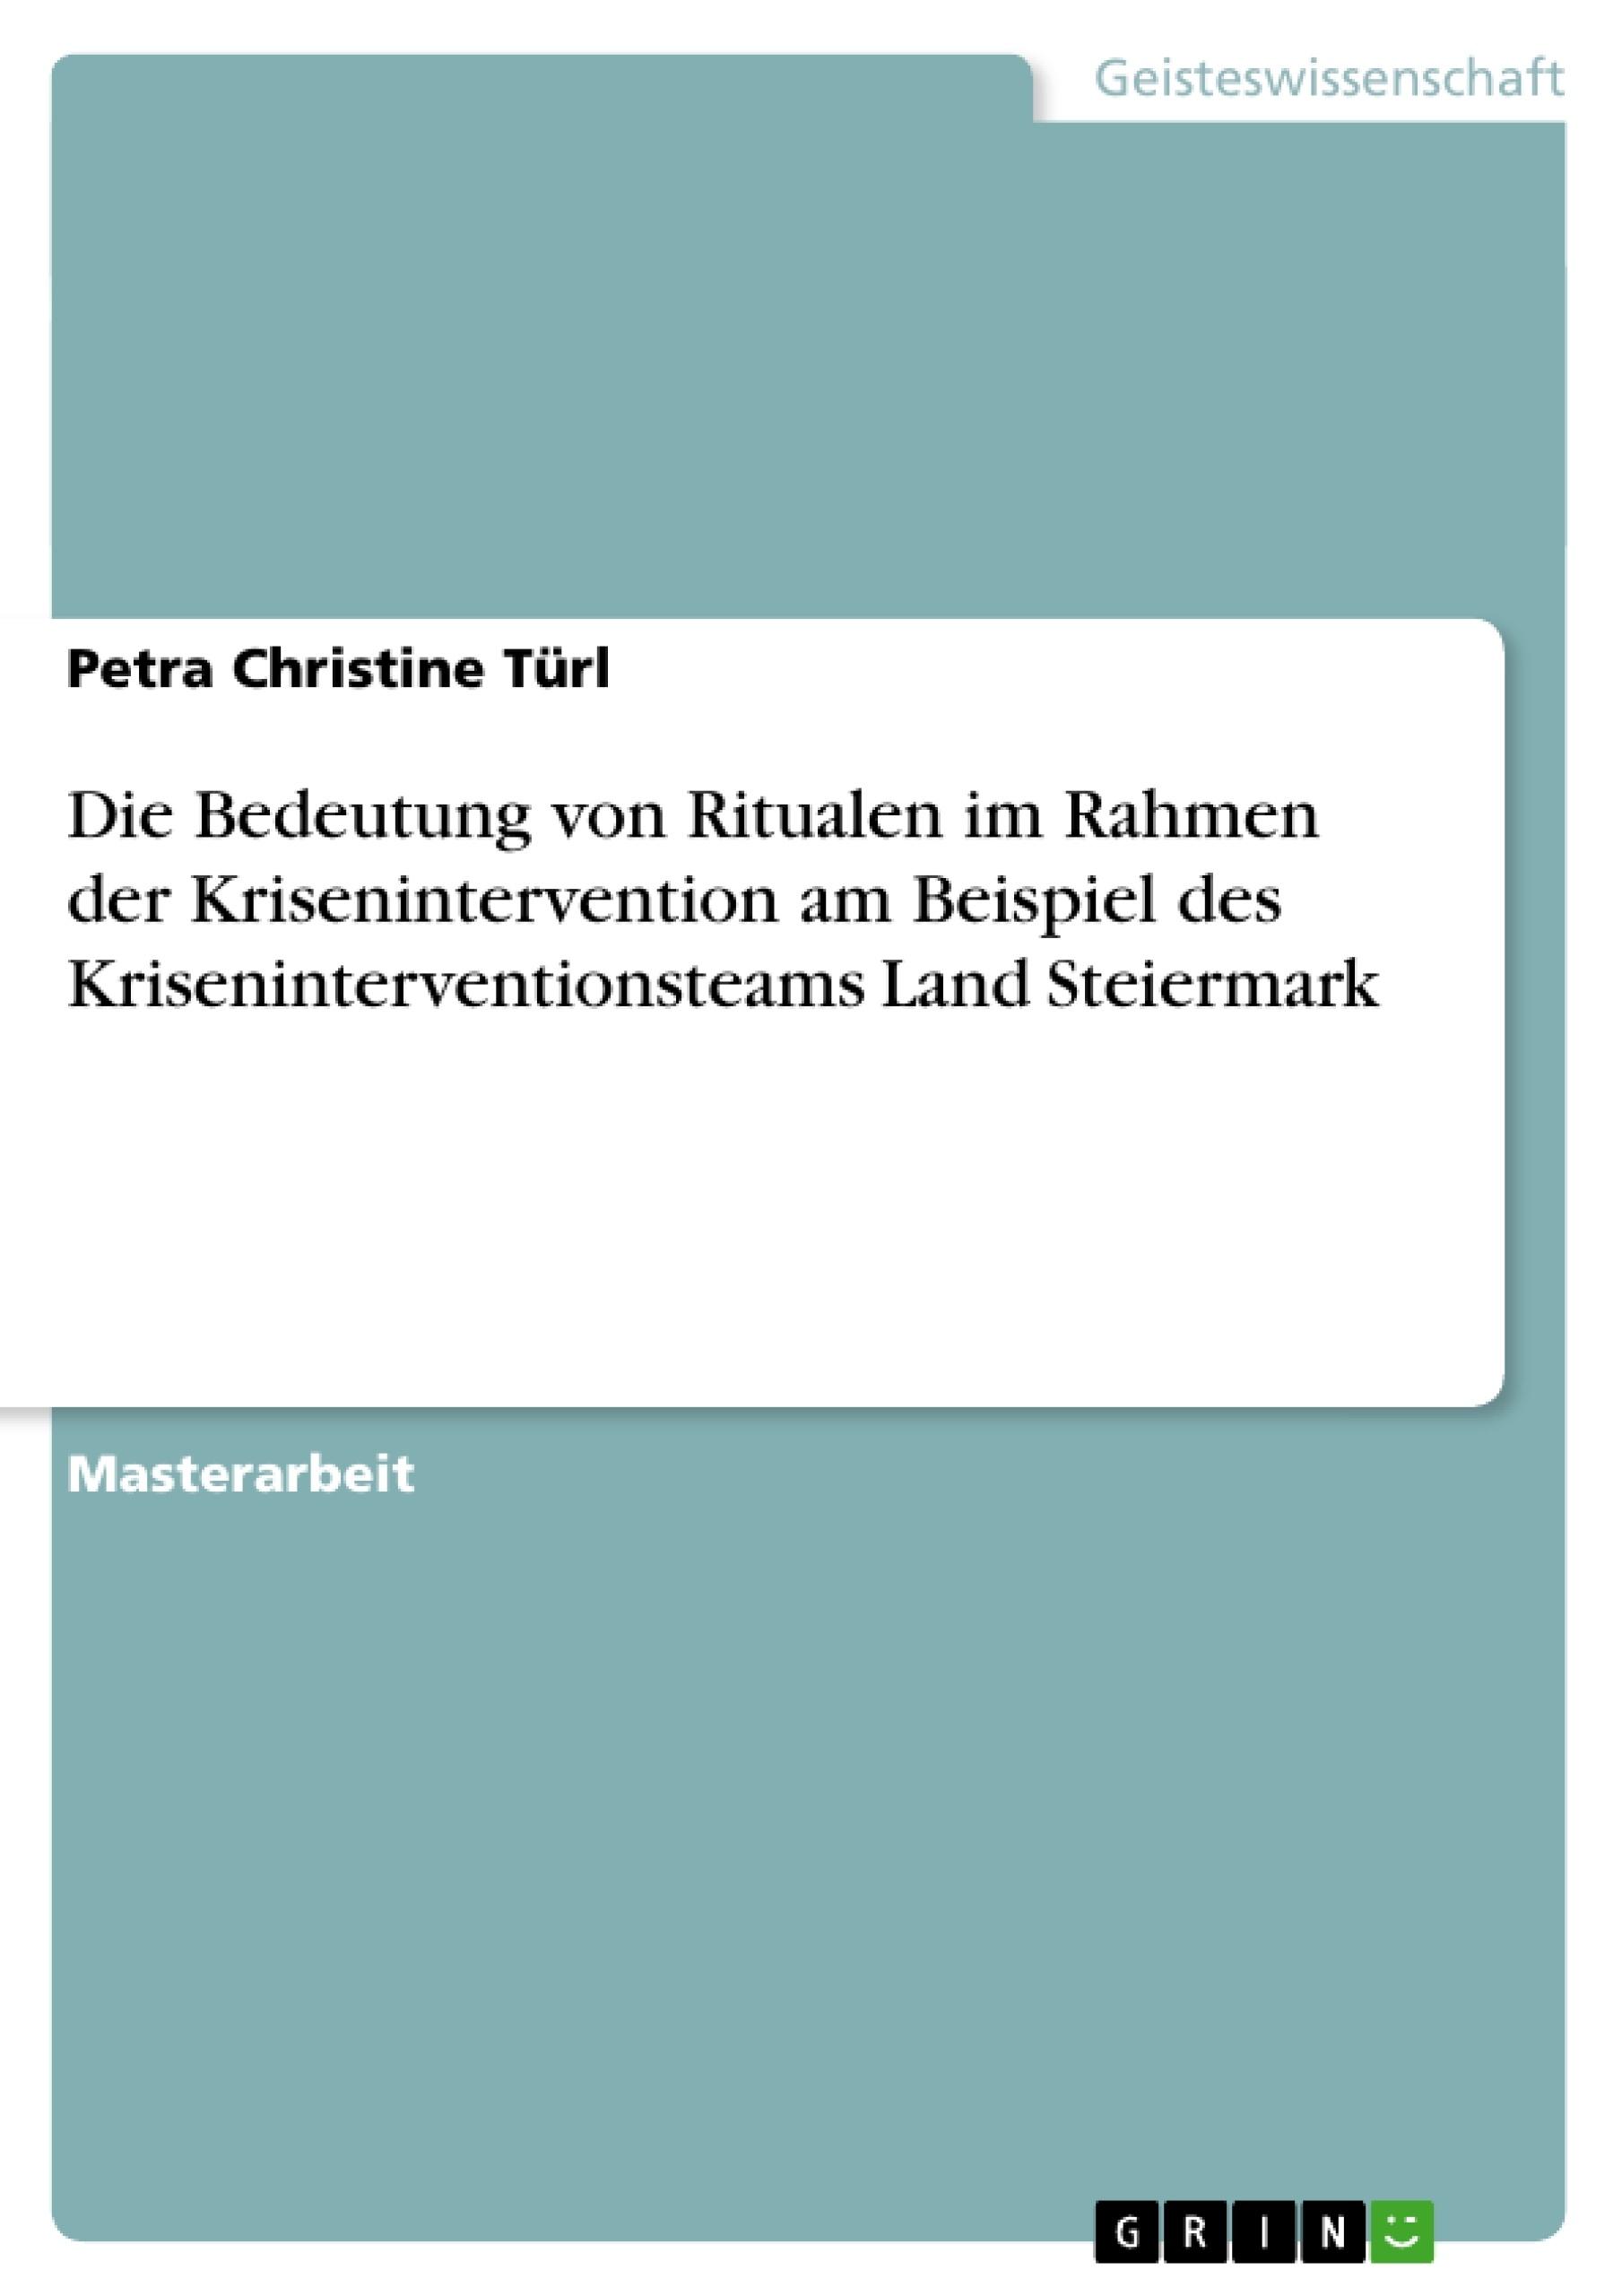 Titel: Die Bedeutung von Ritualen im Rahmen der Krisenintervention am Beispiel des Kriseninterventionsteams Land Steiermark